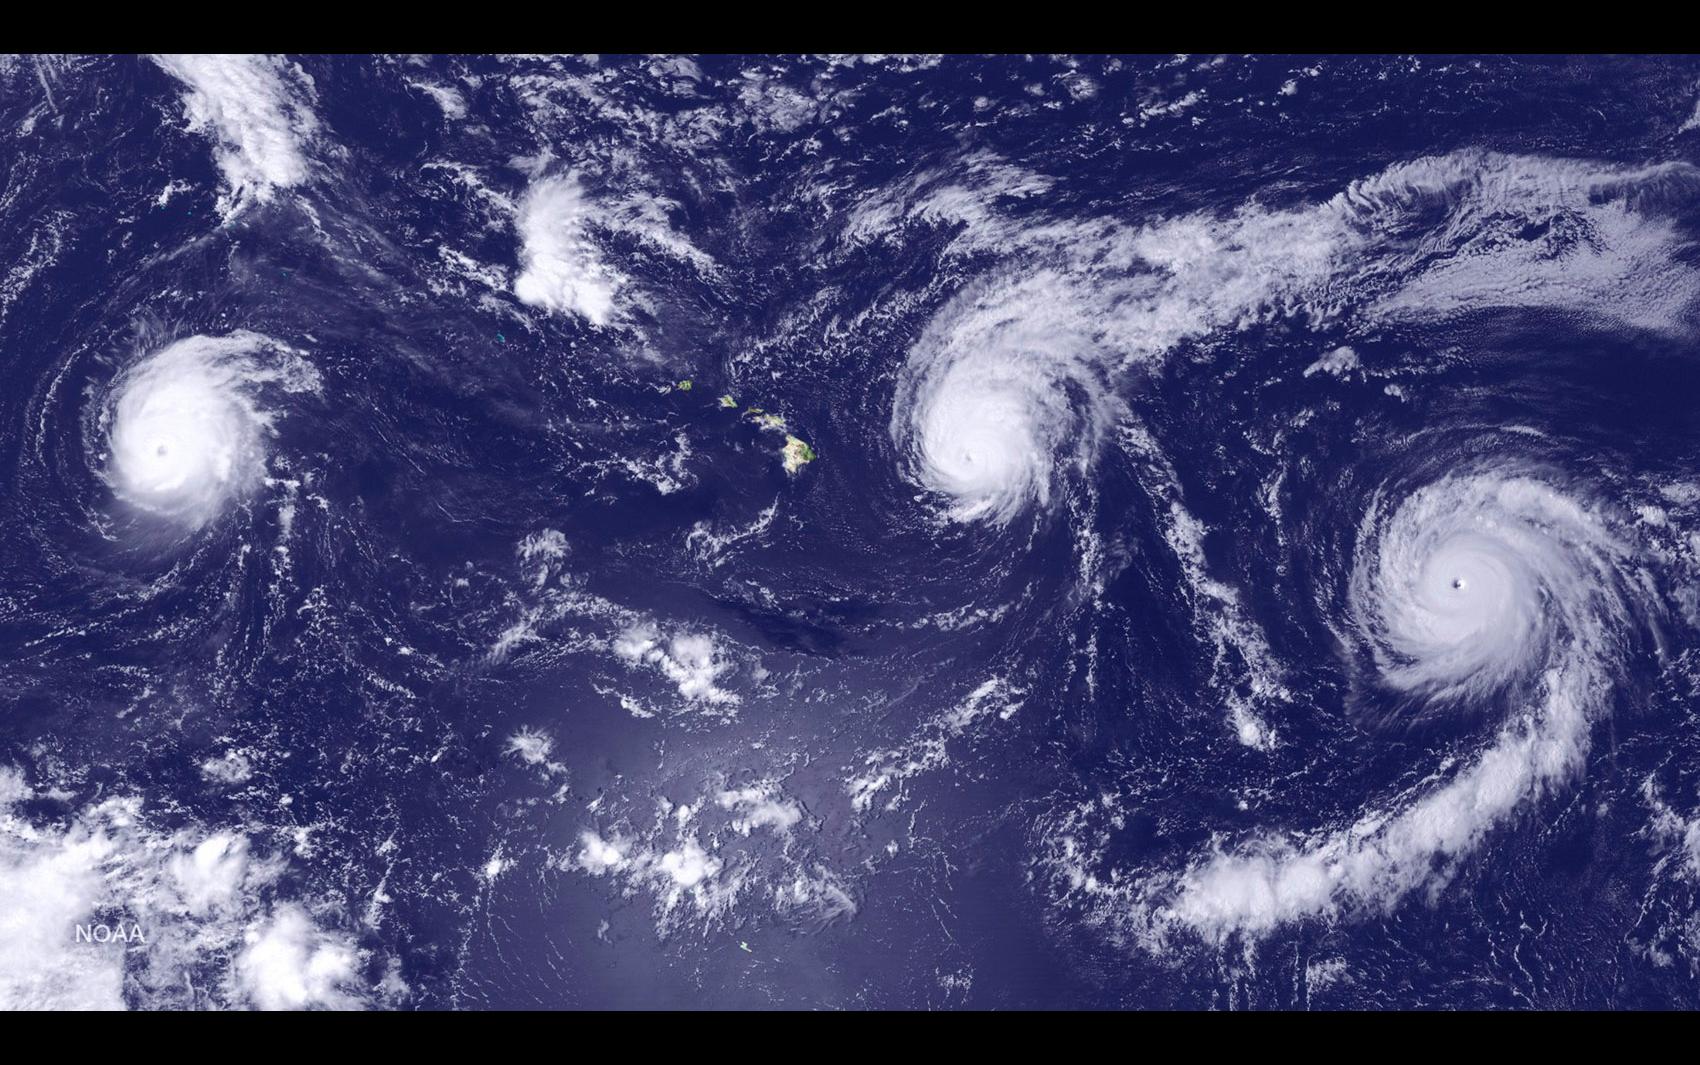 Três furacões são vistos perto de ilhas do Havaí, EUA. O furacão Kilo (esquerda) está a cerca de 1963 km da capital Honolulu, na ilha de Oaho. Ignacio (centro) e Jimena estão a cerca de 506 e 2294 km de Maui, respectivamente